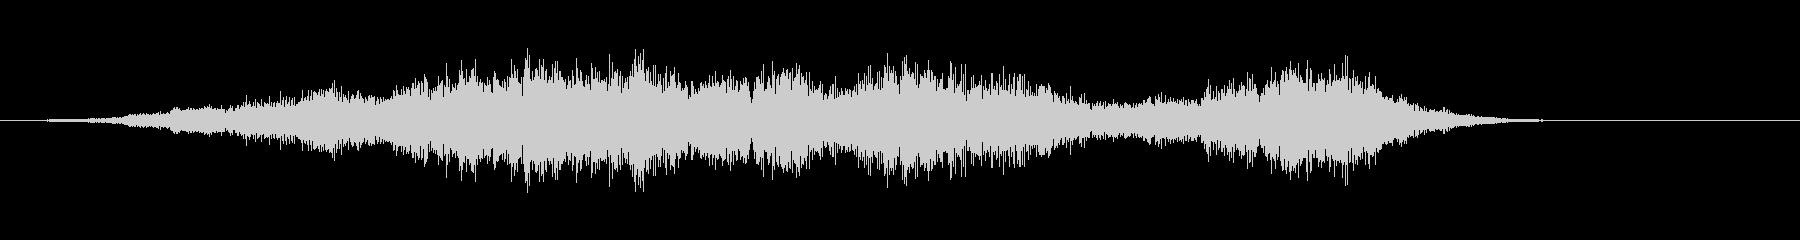 音楽:不気味なオーケストラベルパターン。の未再生の波形